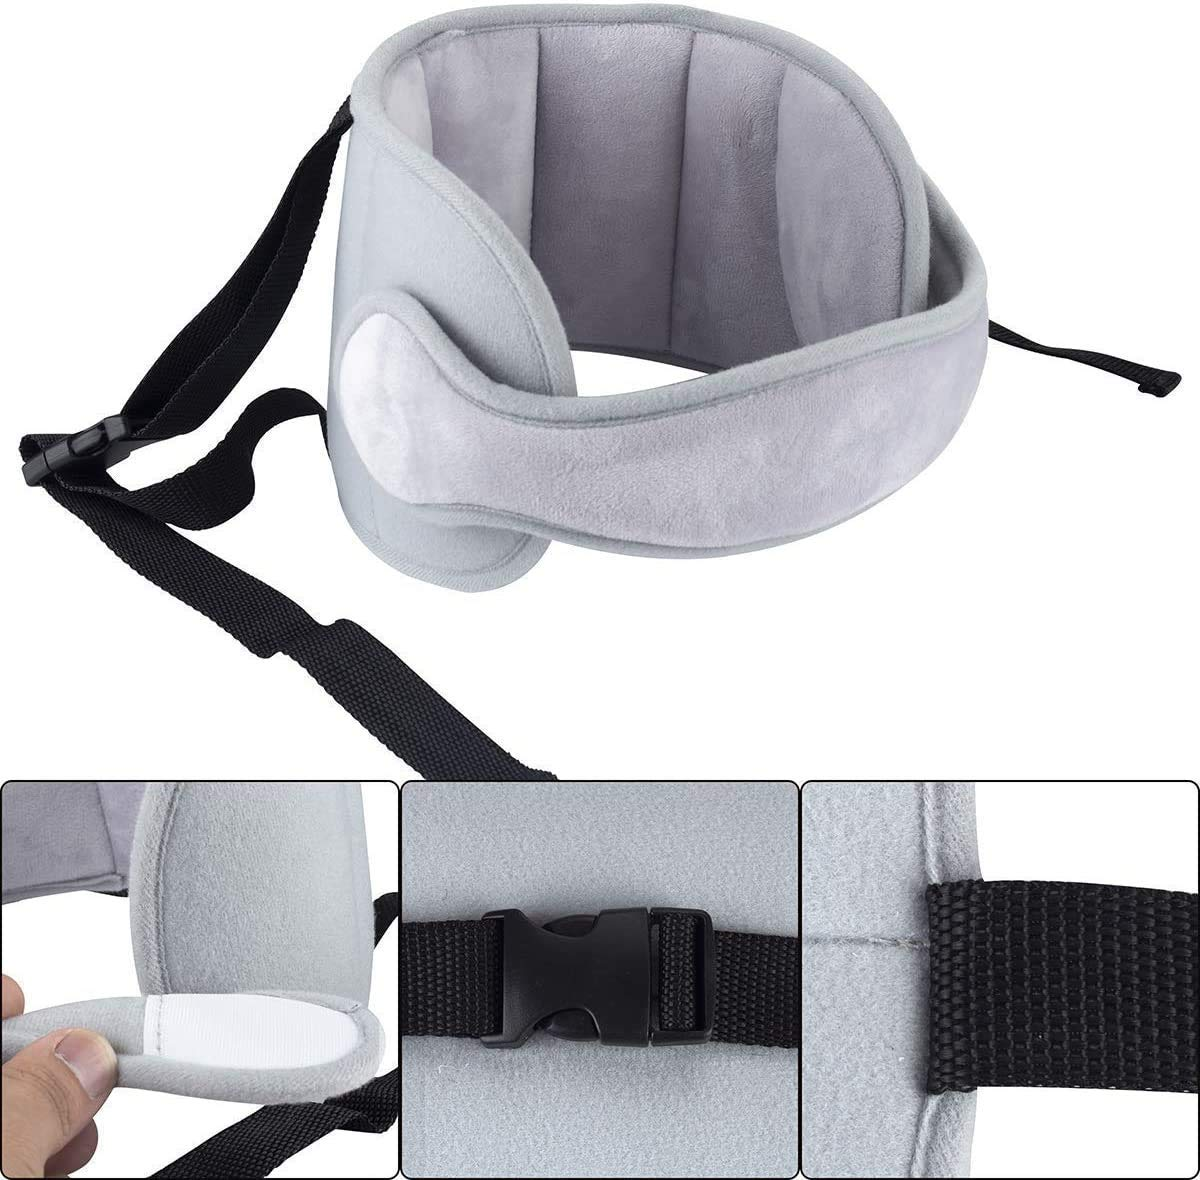 kopfschutz baby,nackenkissen kinder,kindersitze im test,babyhelm,baby kopfschutz,Kollision Kopfschutzkappe,Kindersitz Kopfst/ütze